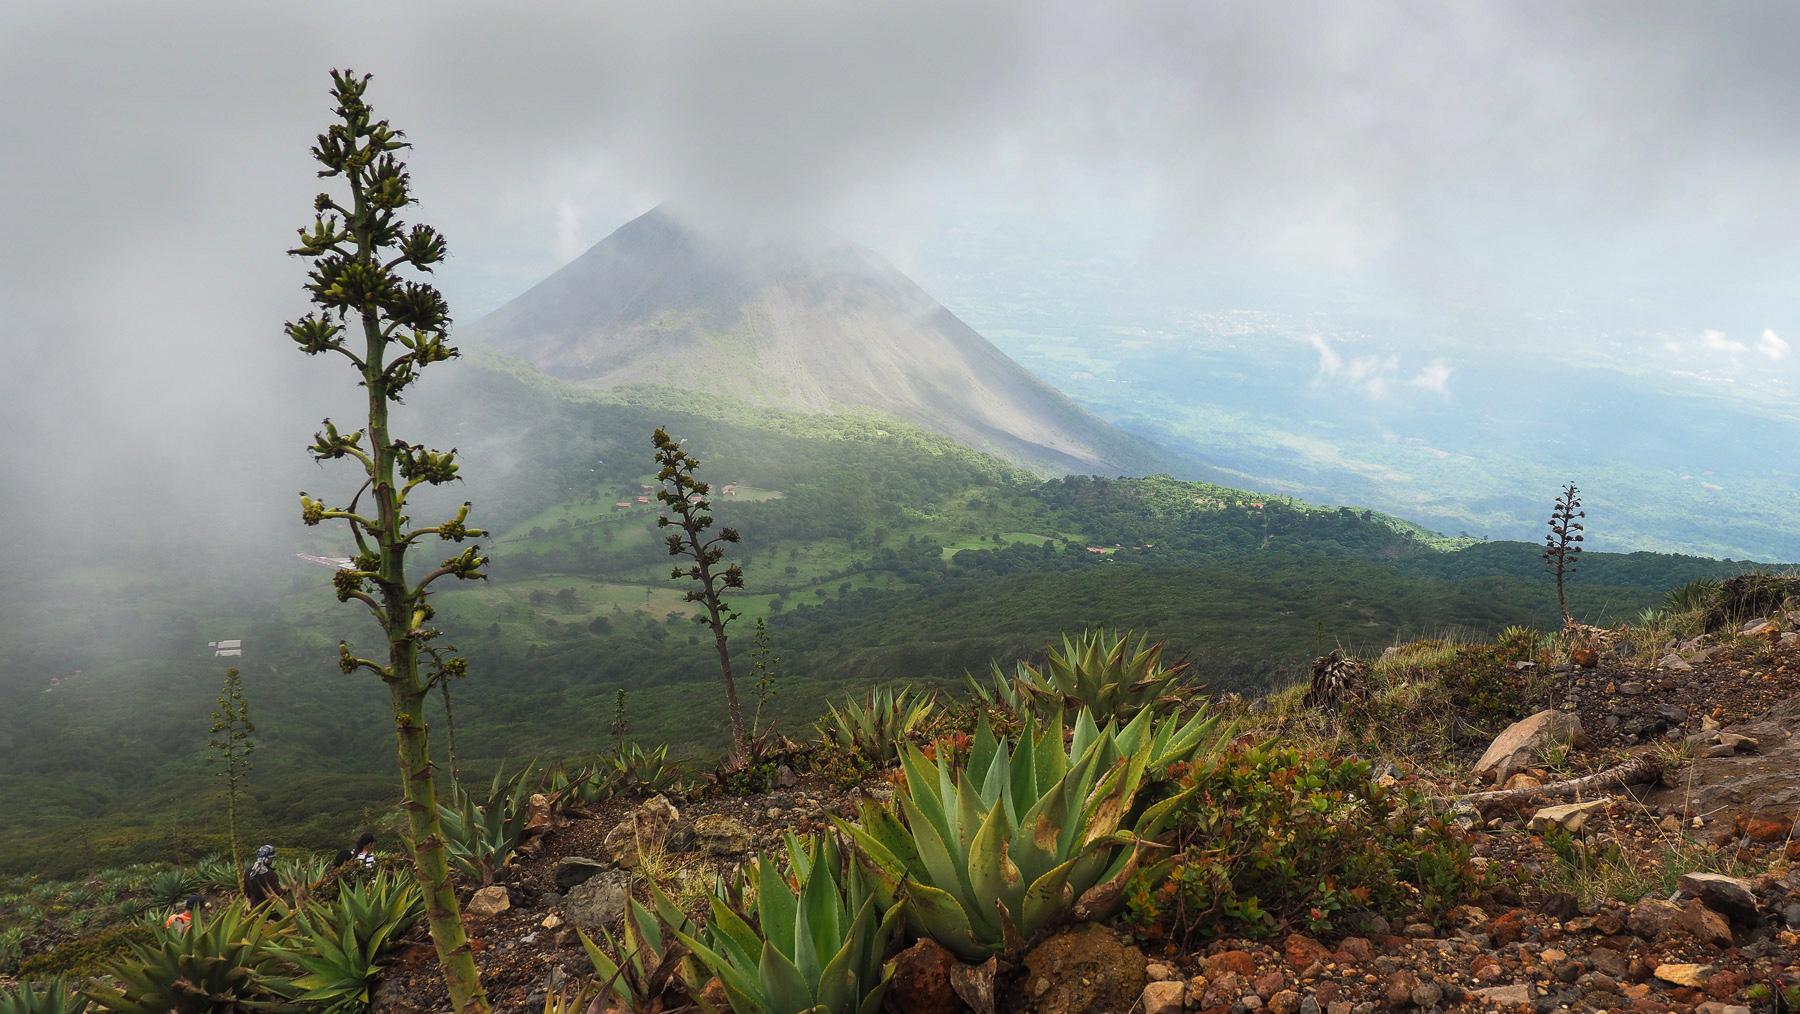 Nebelschwaden ziehen um den Vulkan